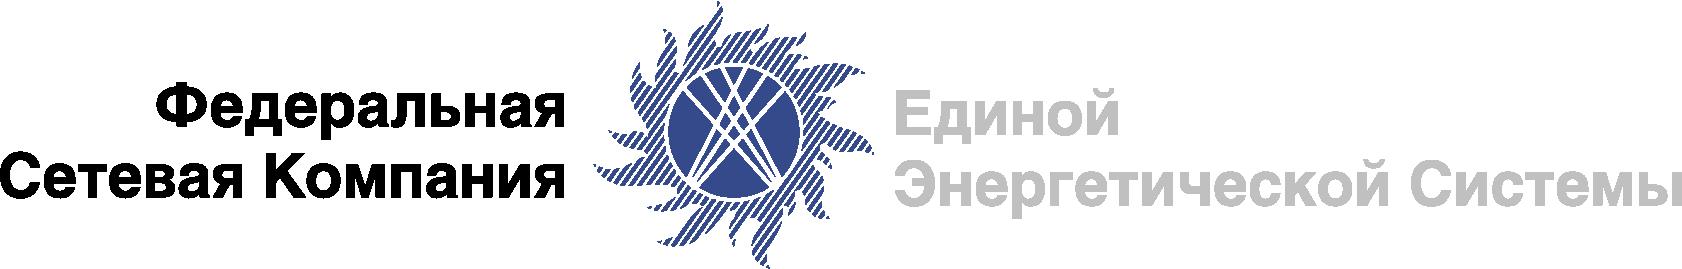 ФСК ЕЭС.png